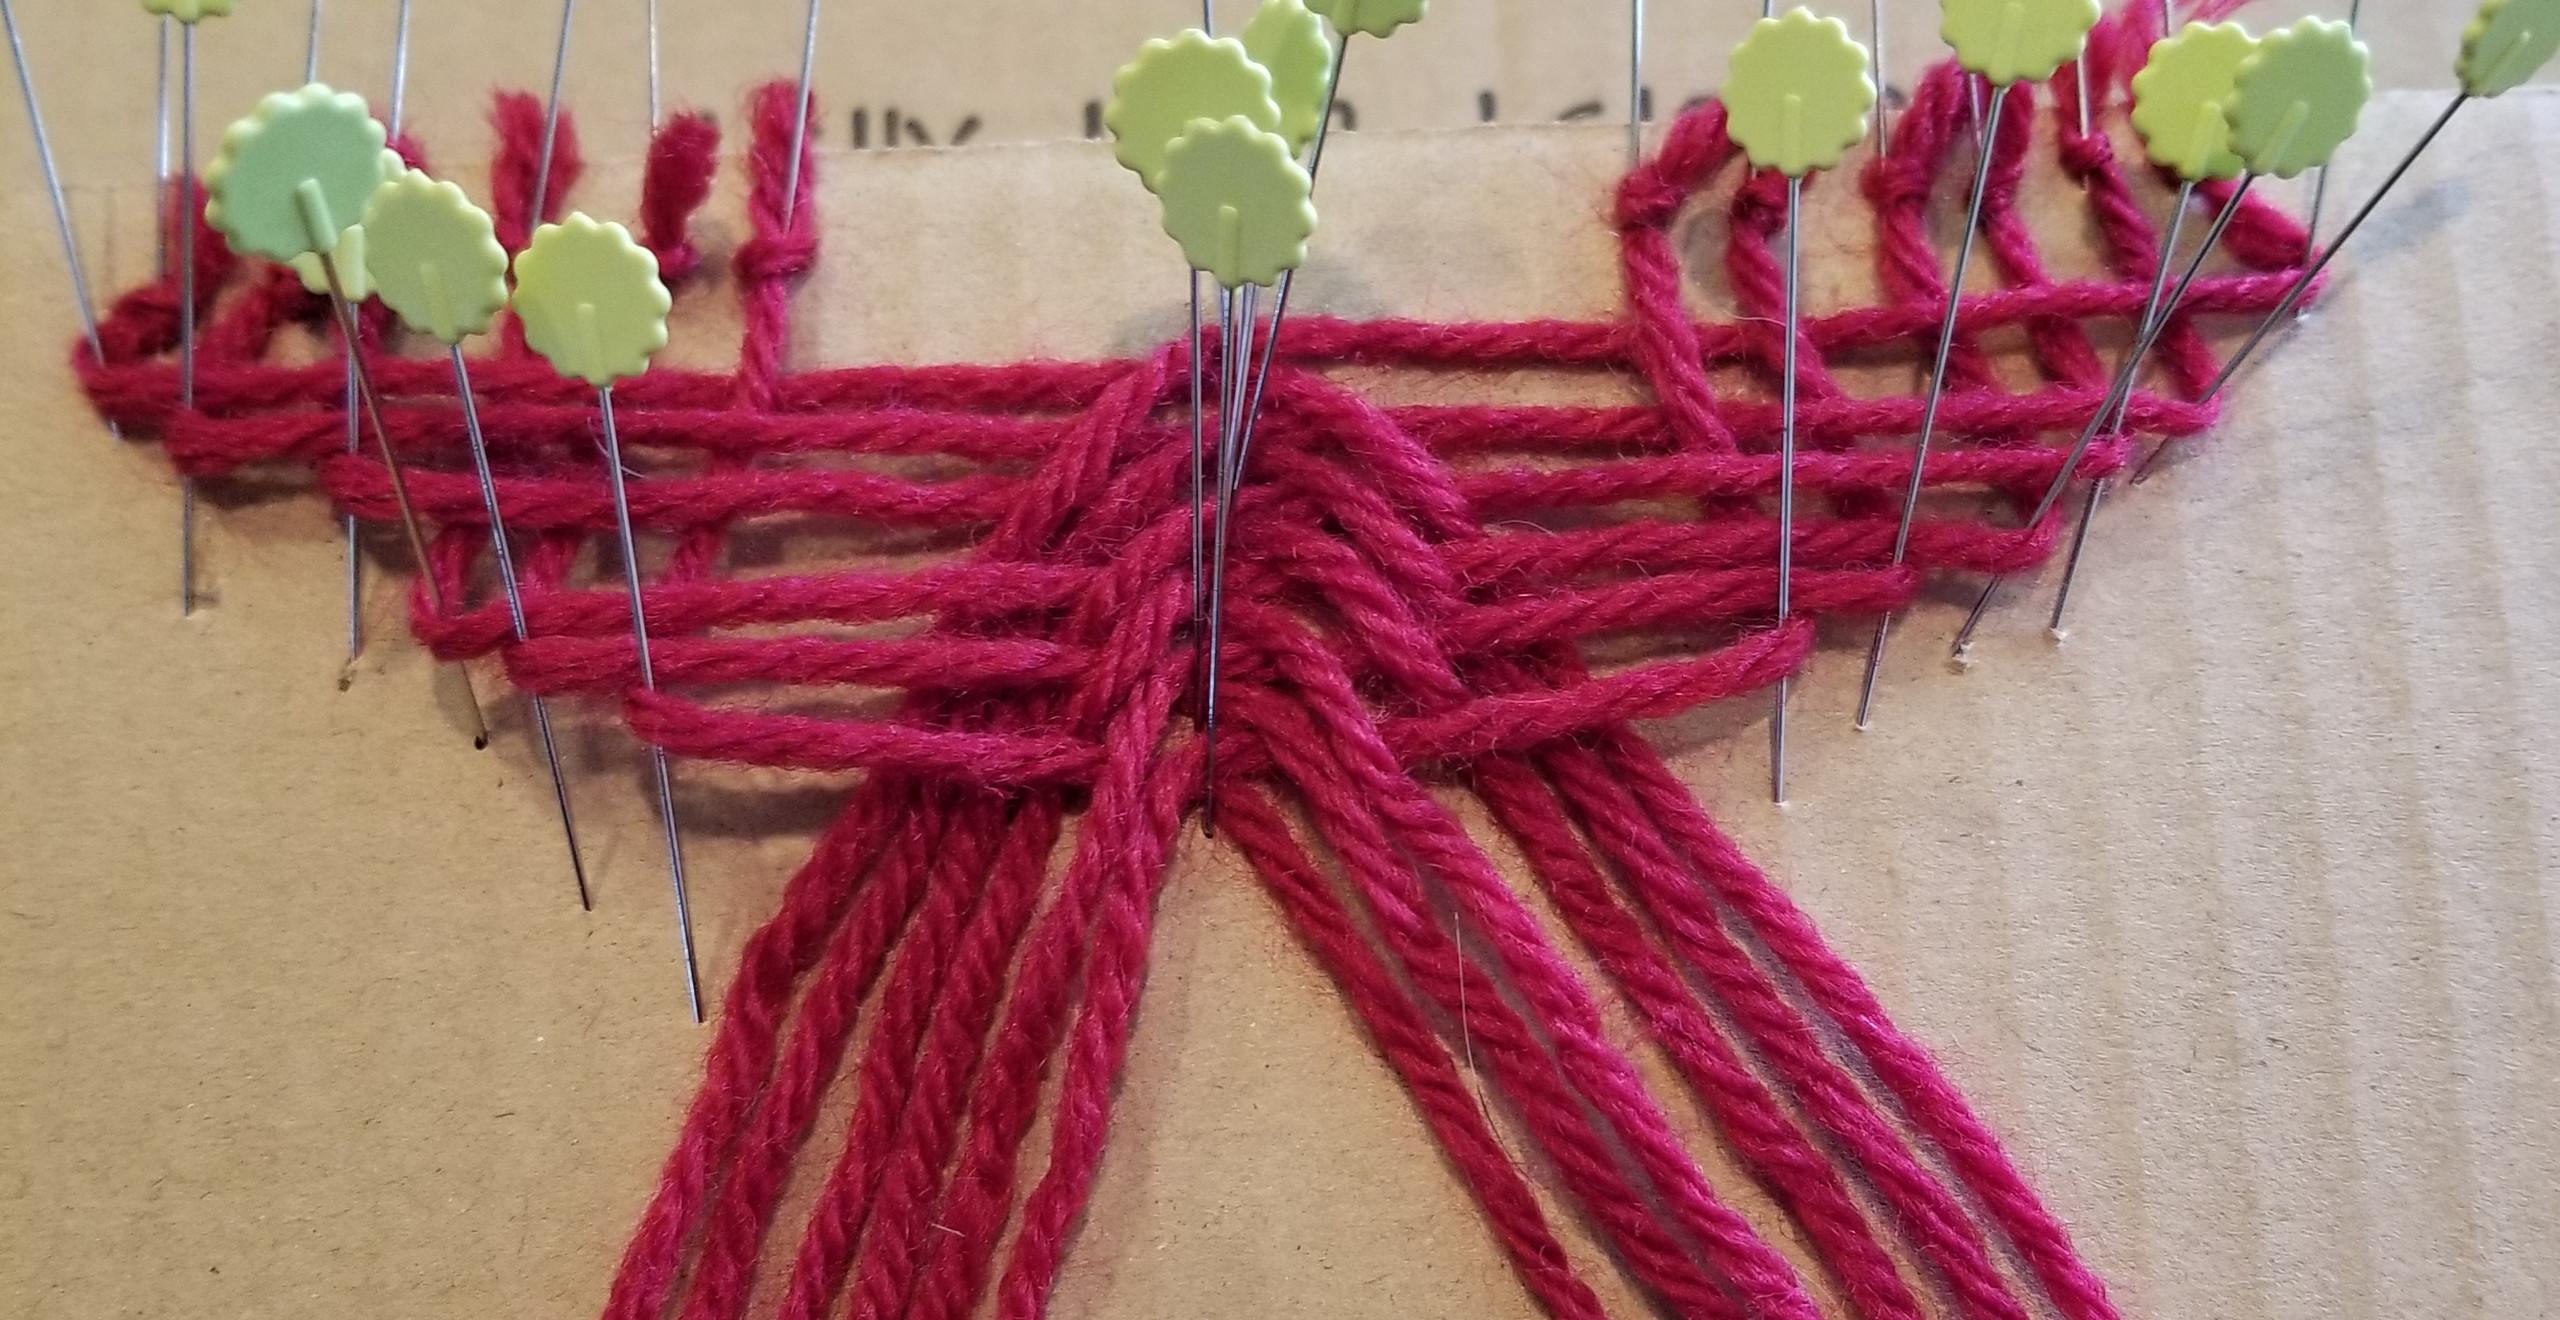 Beginning of 12-strand braid for belt